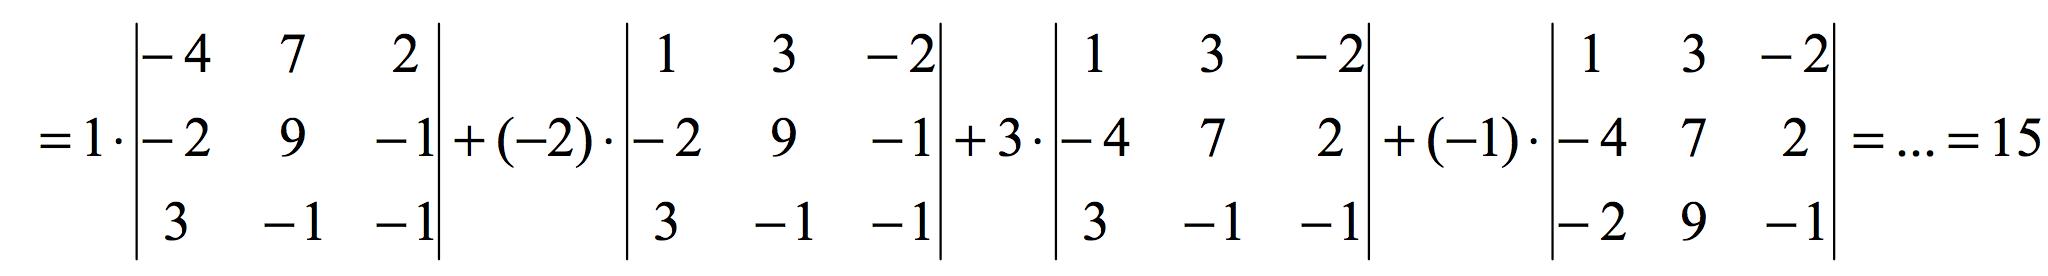 Determinante 4x4 resuelto por adjuntos